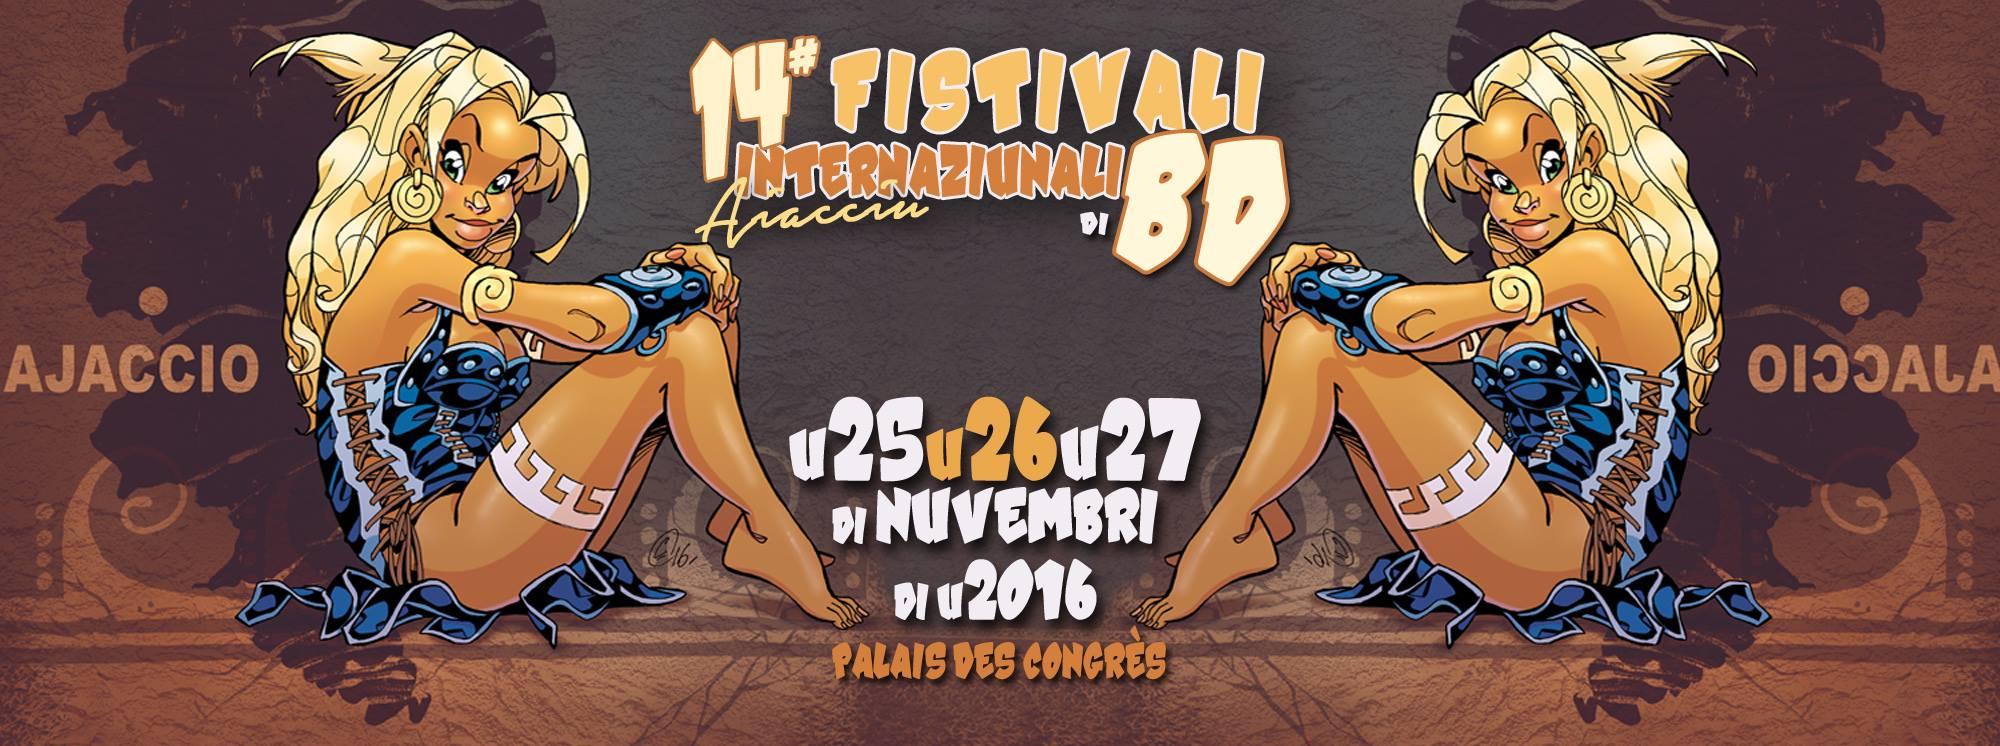 Festival de la Bd d'Ajaccio 2016 25 au 27 novembre au palais des congrés